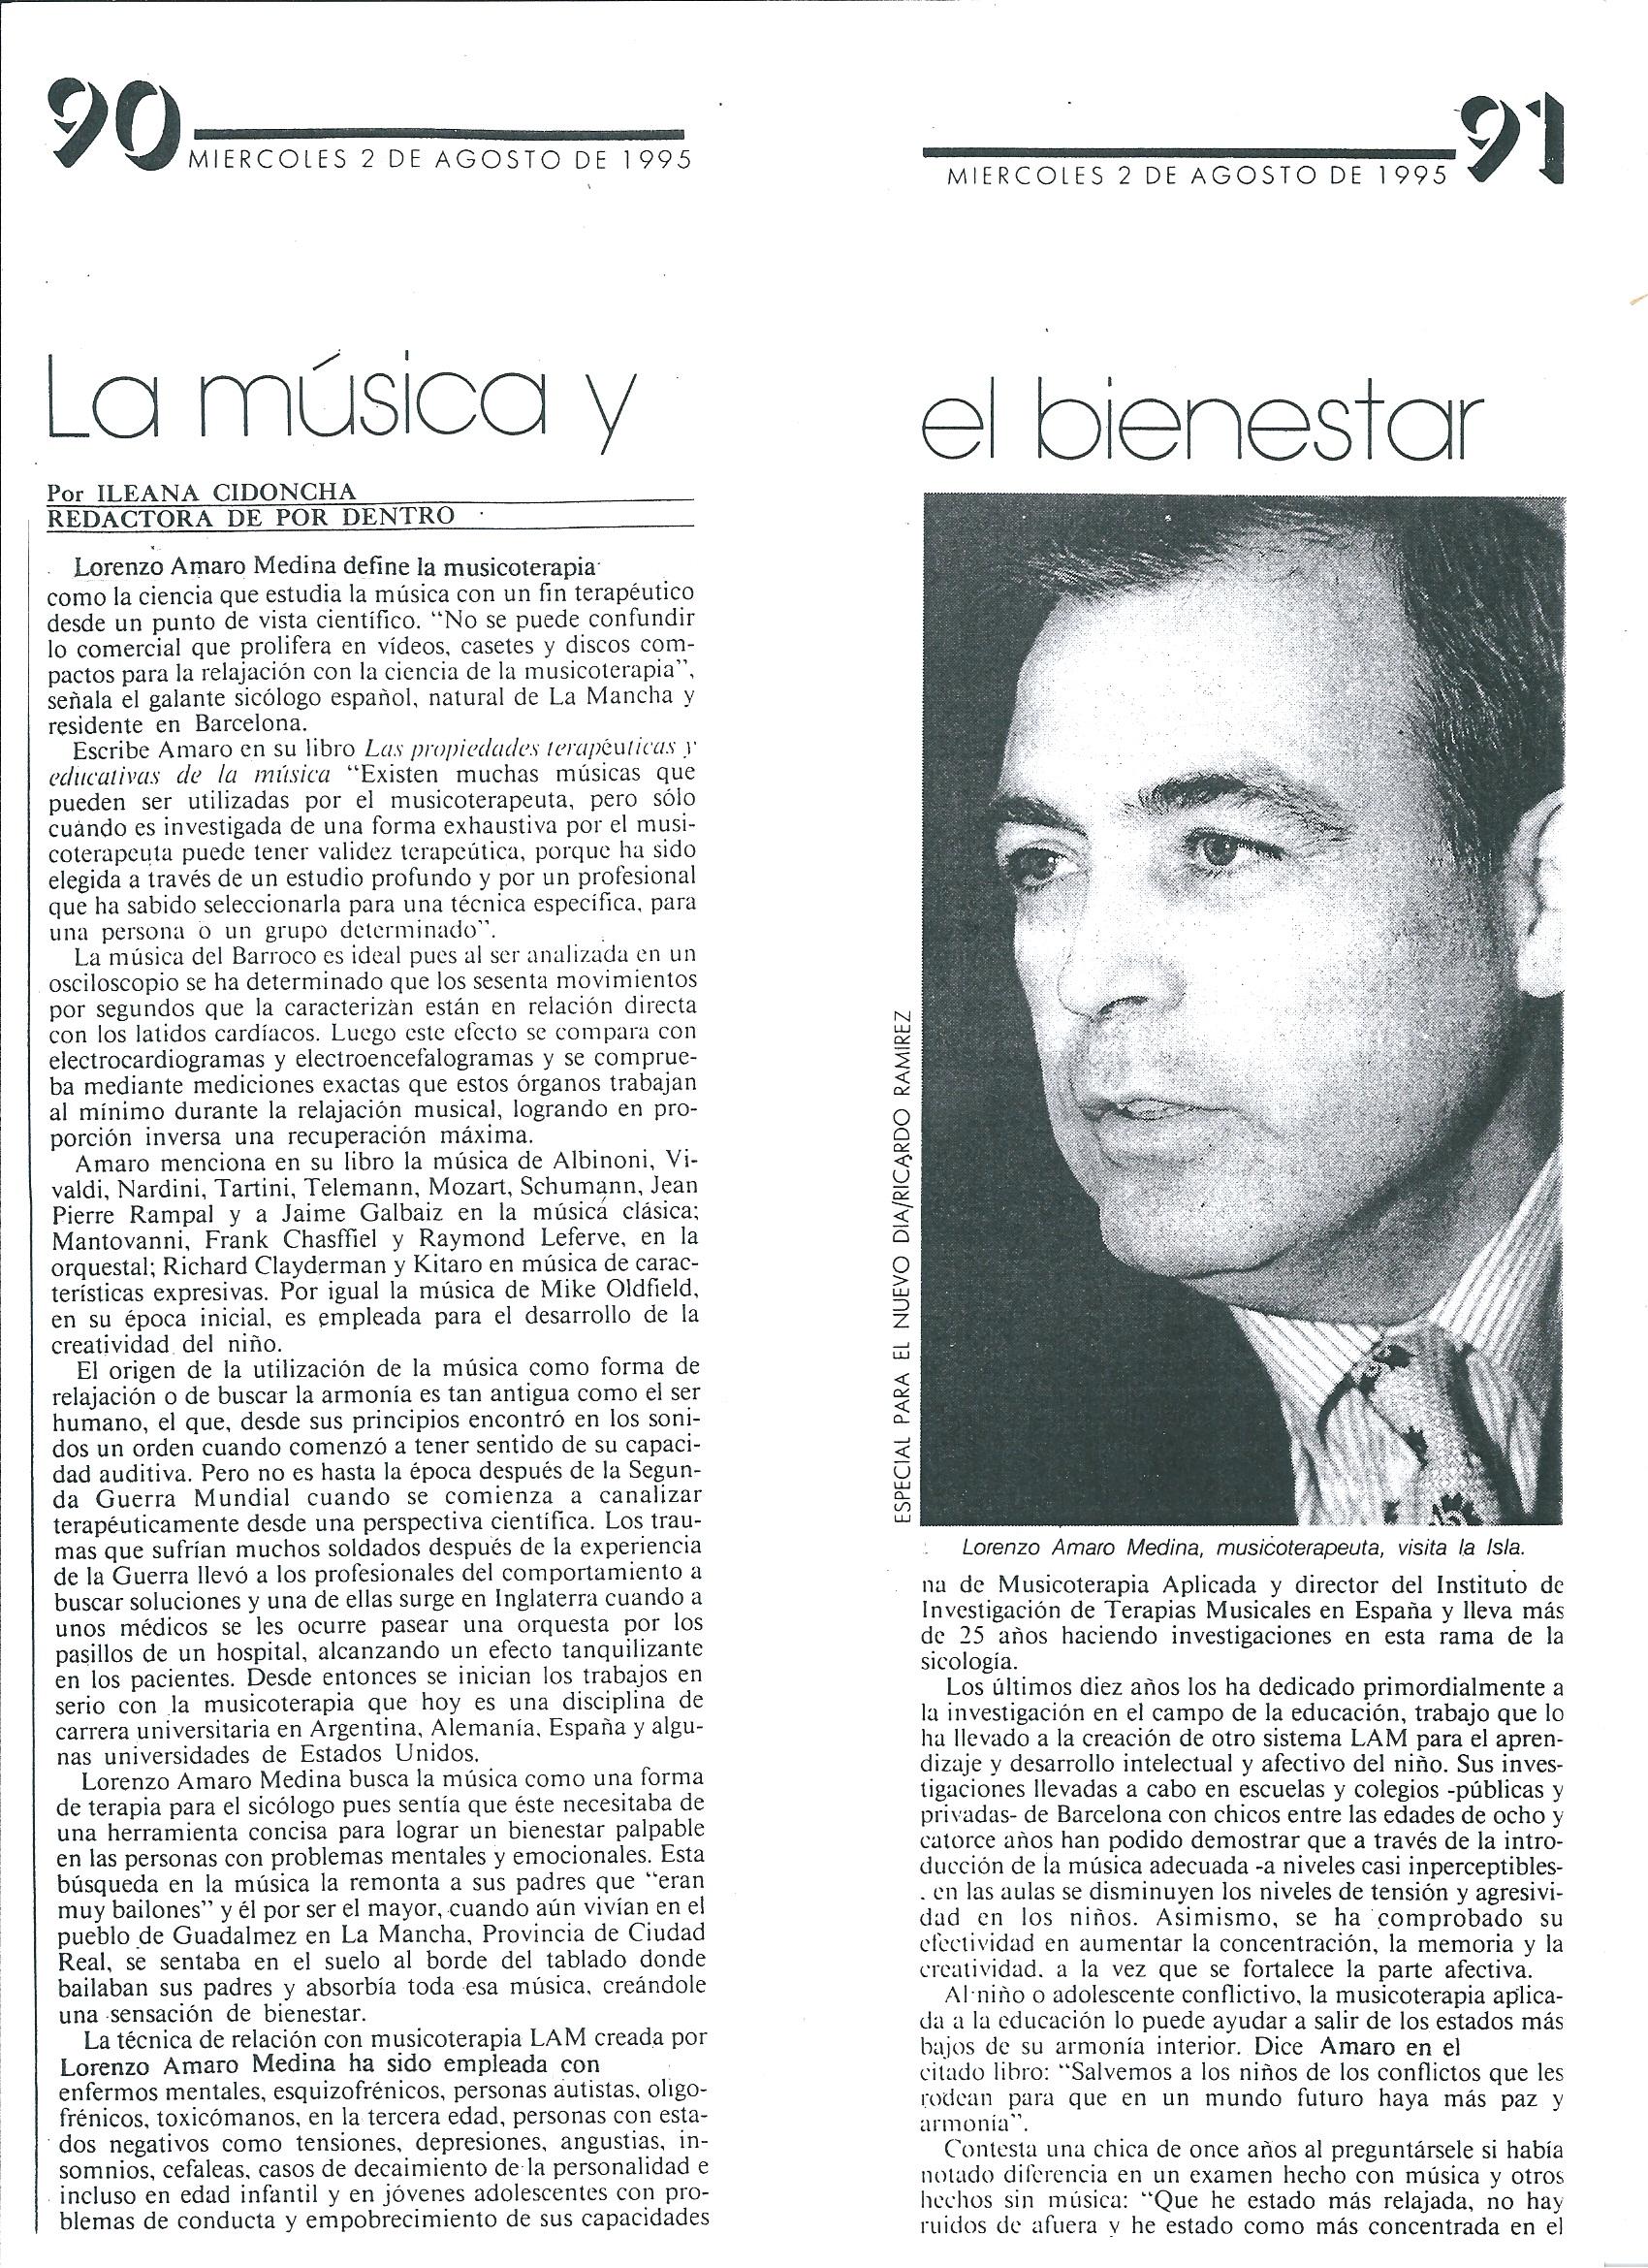 Musica y Bienestar